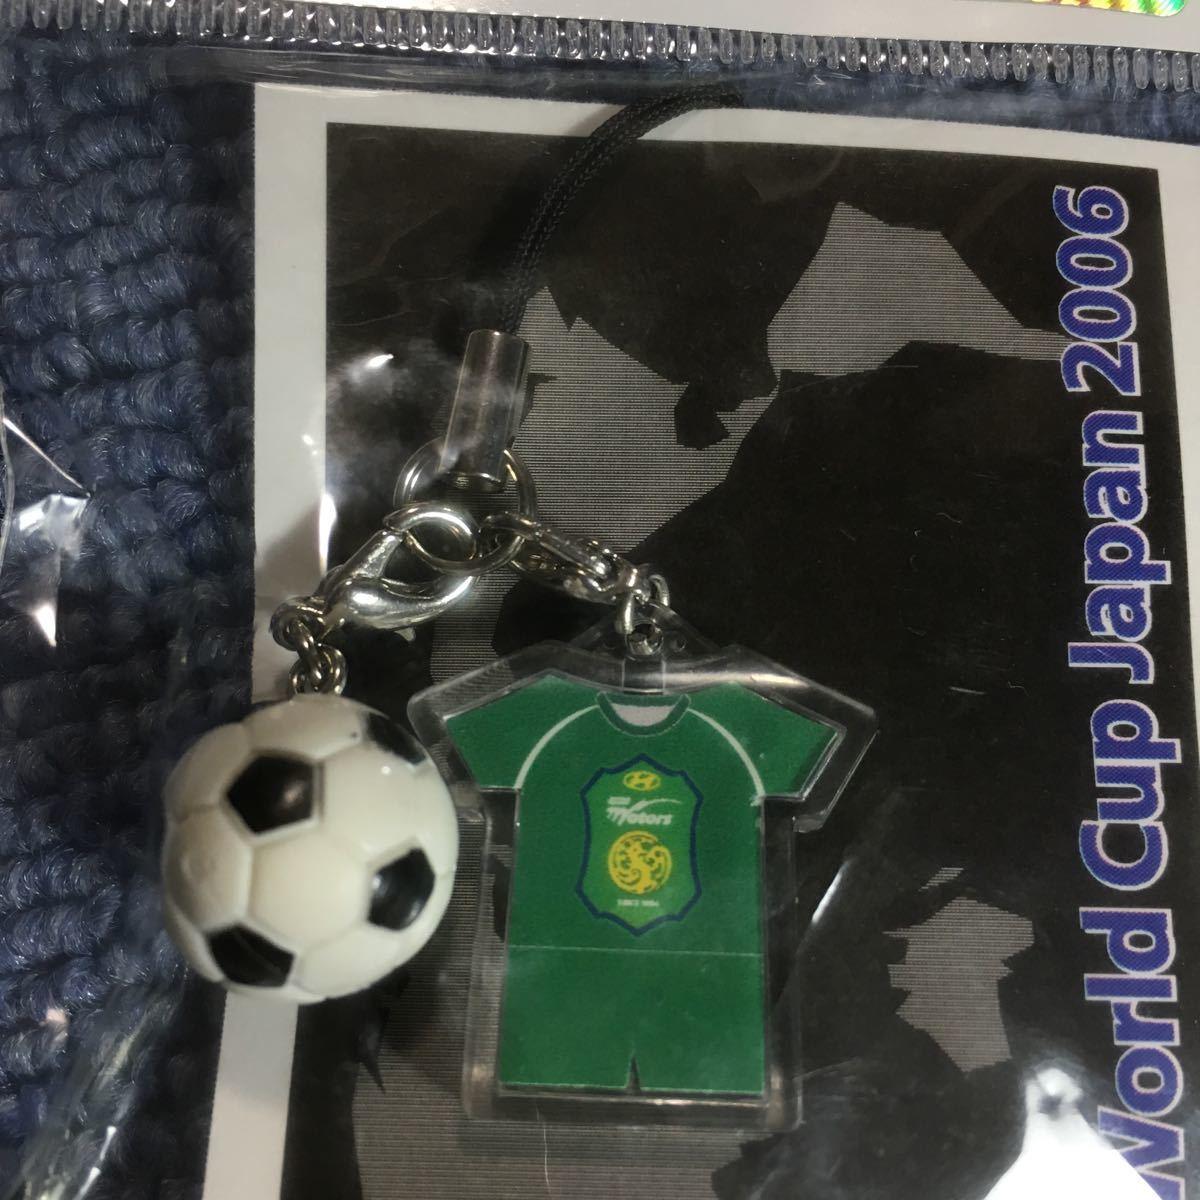 FIFA クラブワールドカップ 2006 韓国 全北現代モータース 携帯ストラップ ユニフォーム ボール_画像3